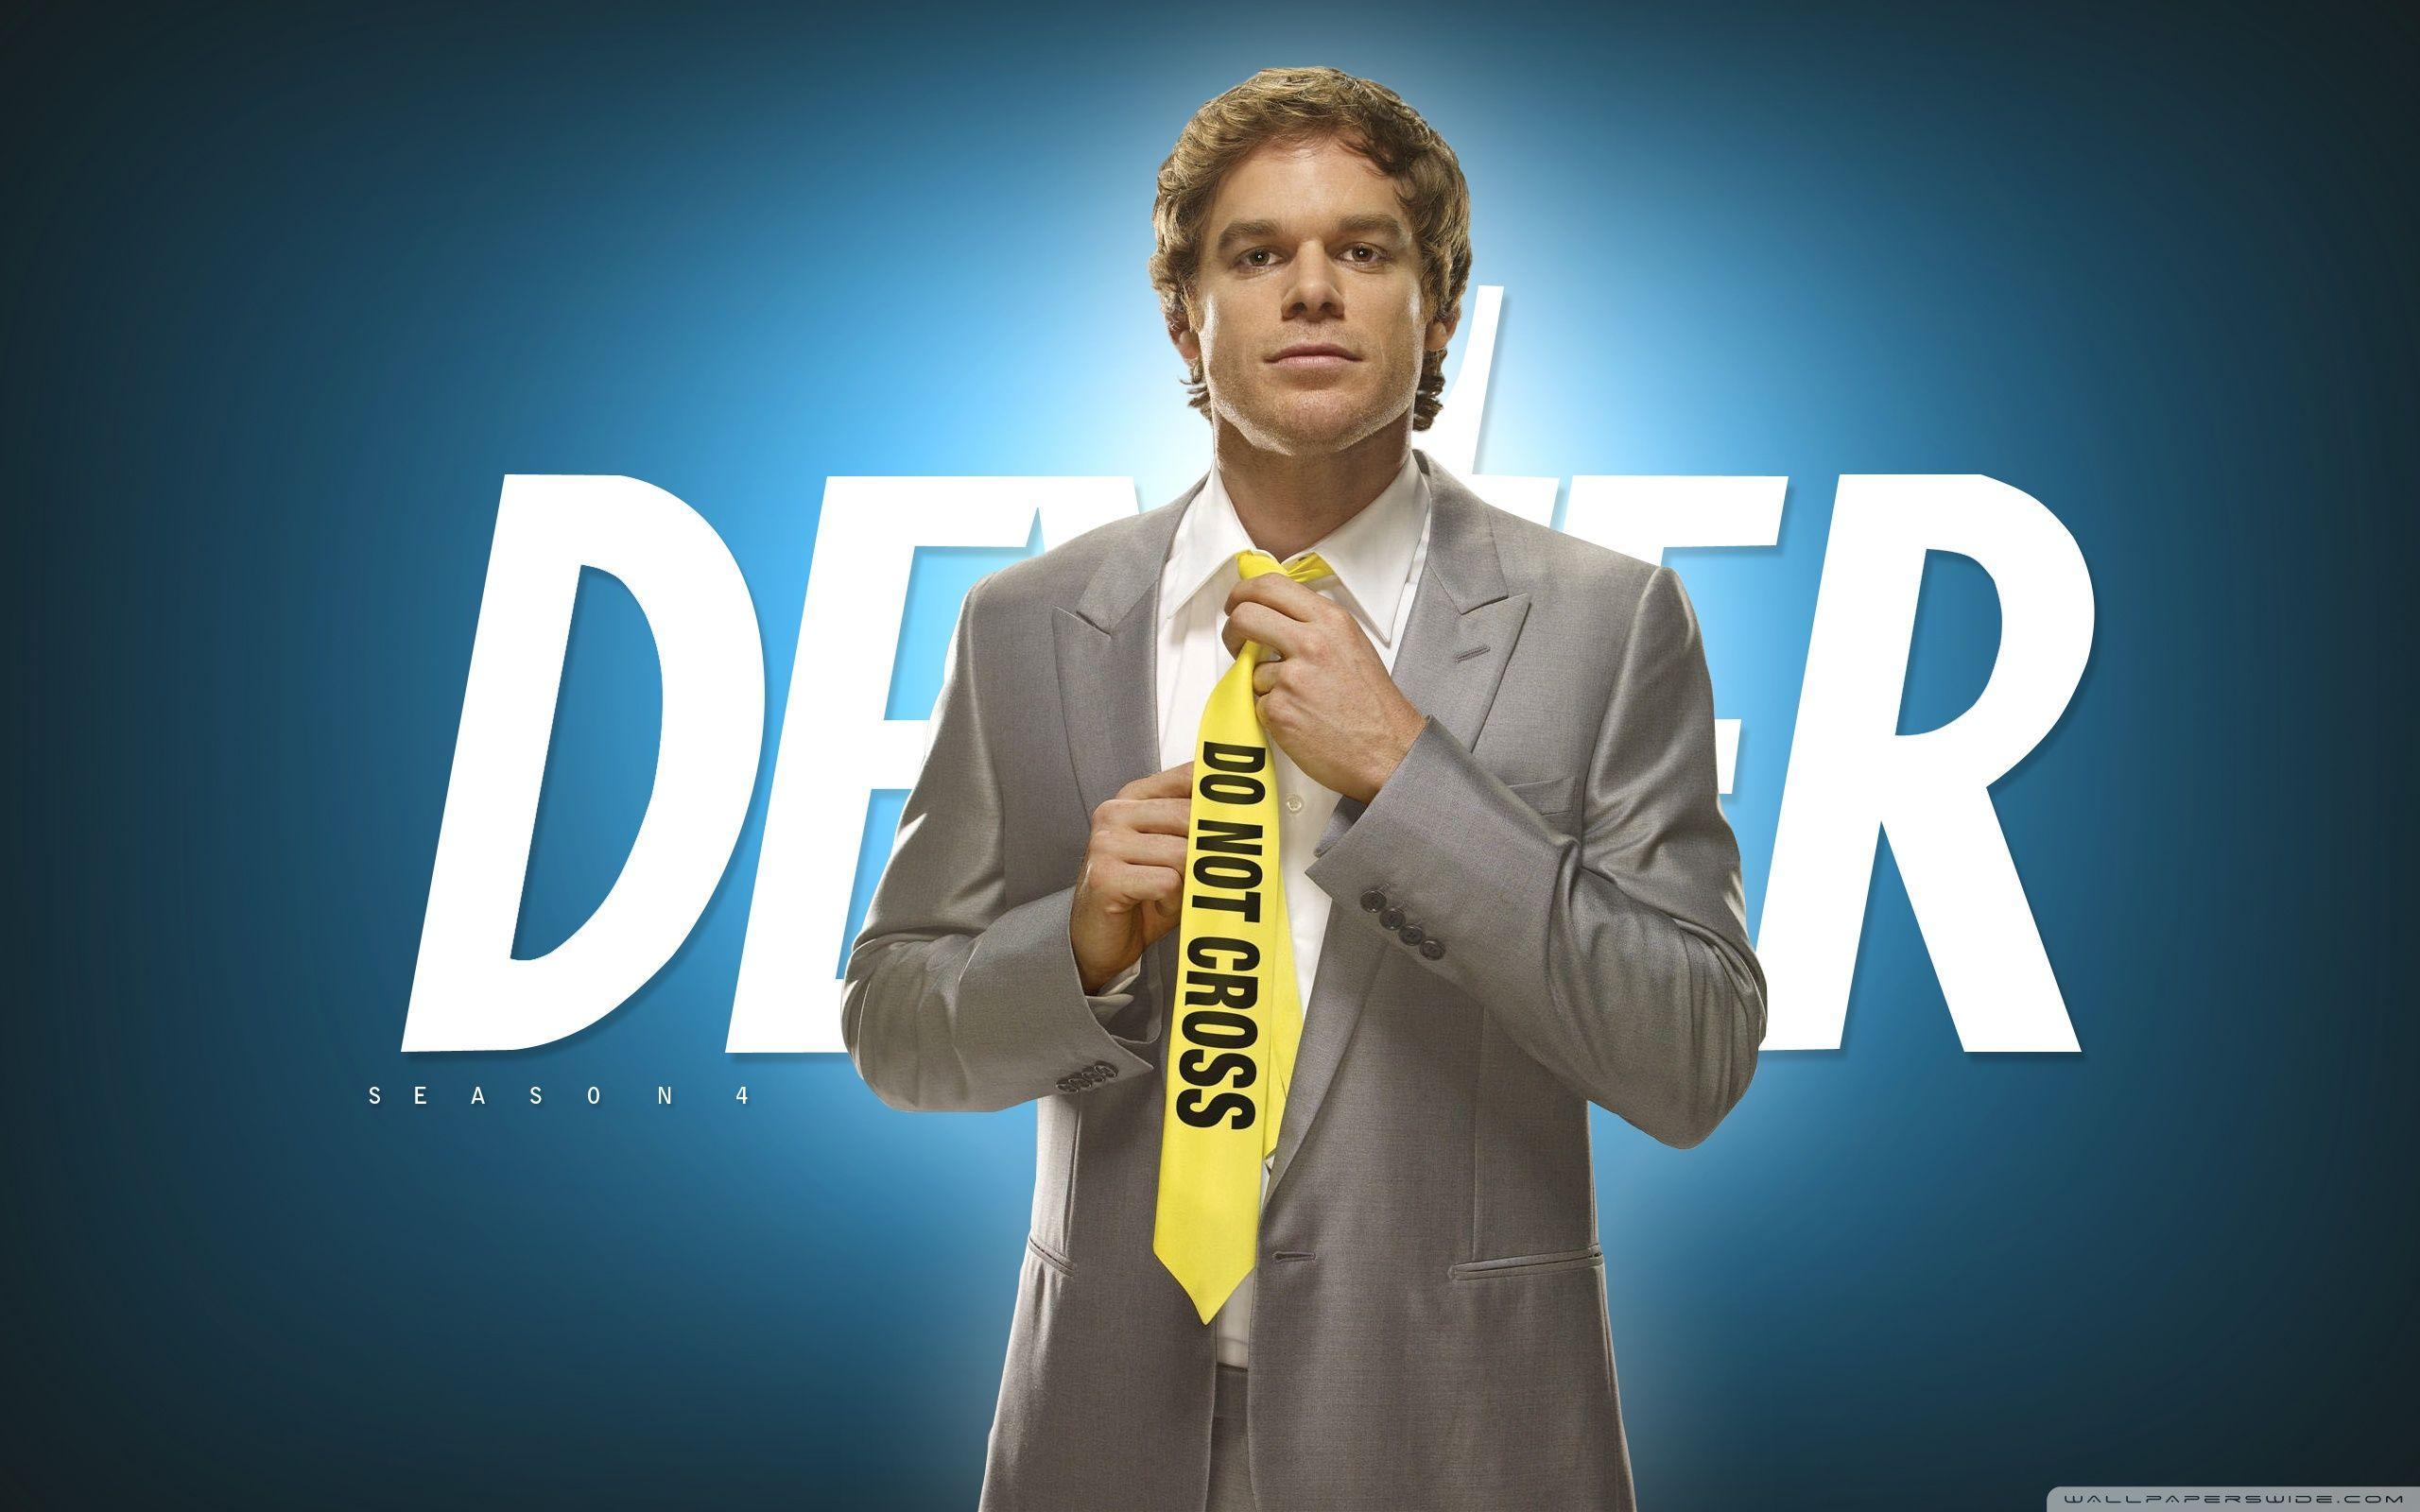 Dexter TV Show HD desktop wallpaper : High Definition : Fullscreen ...